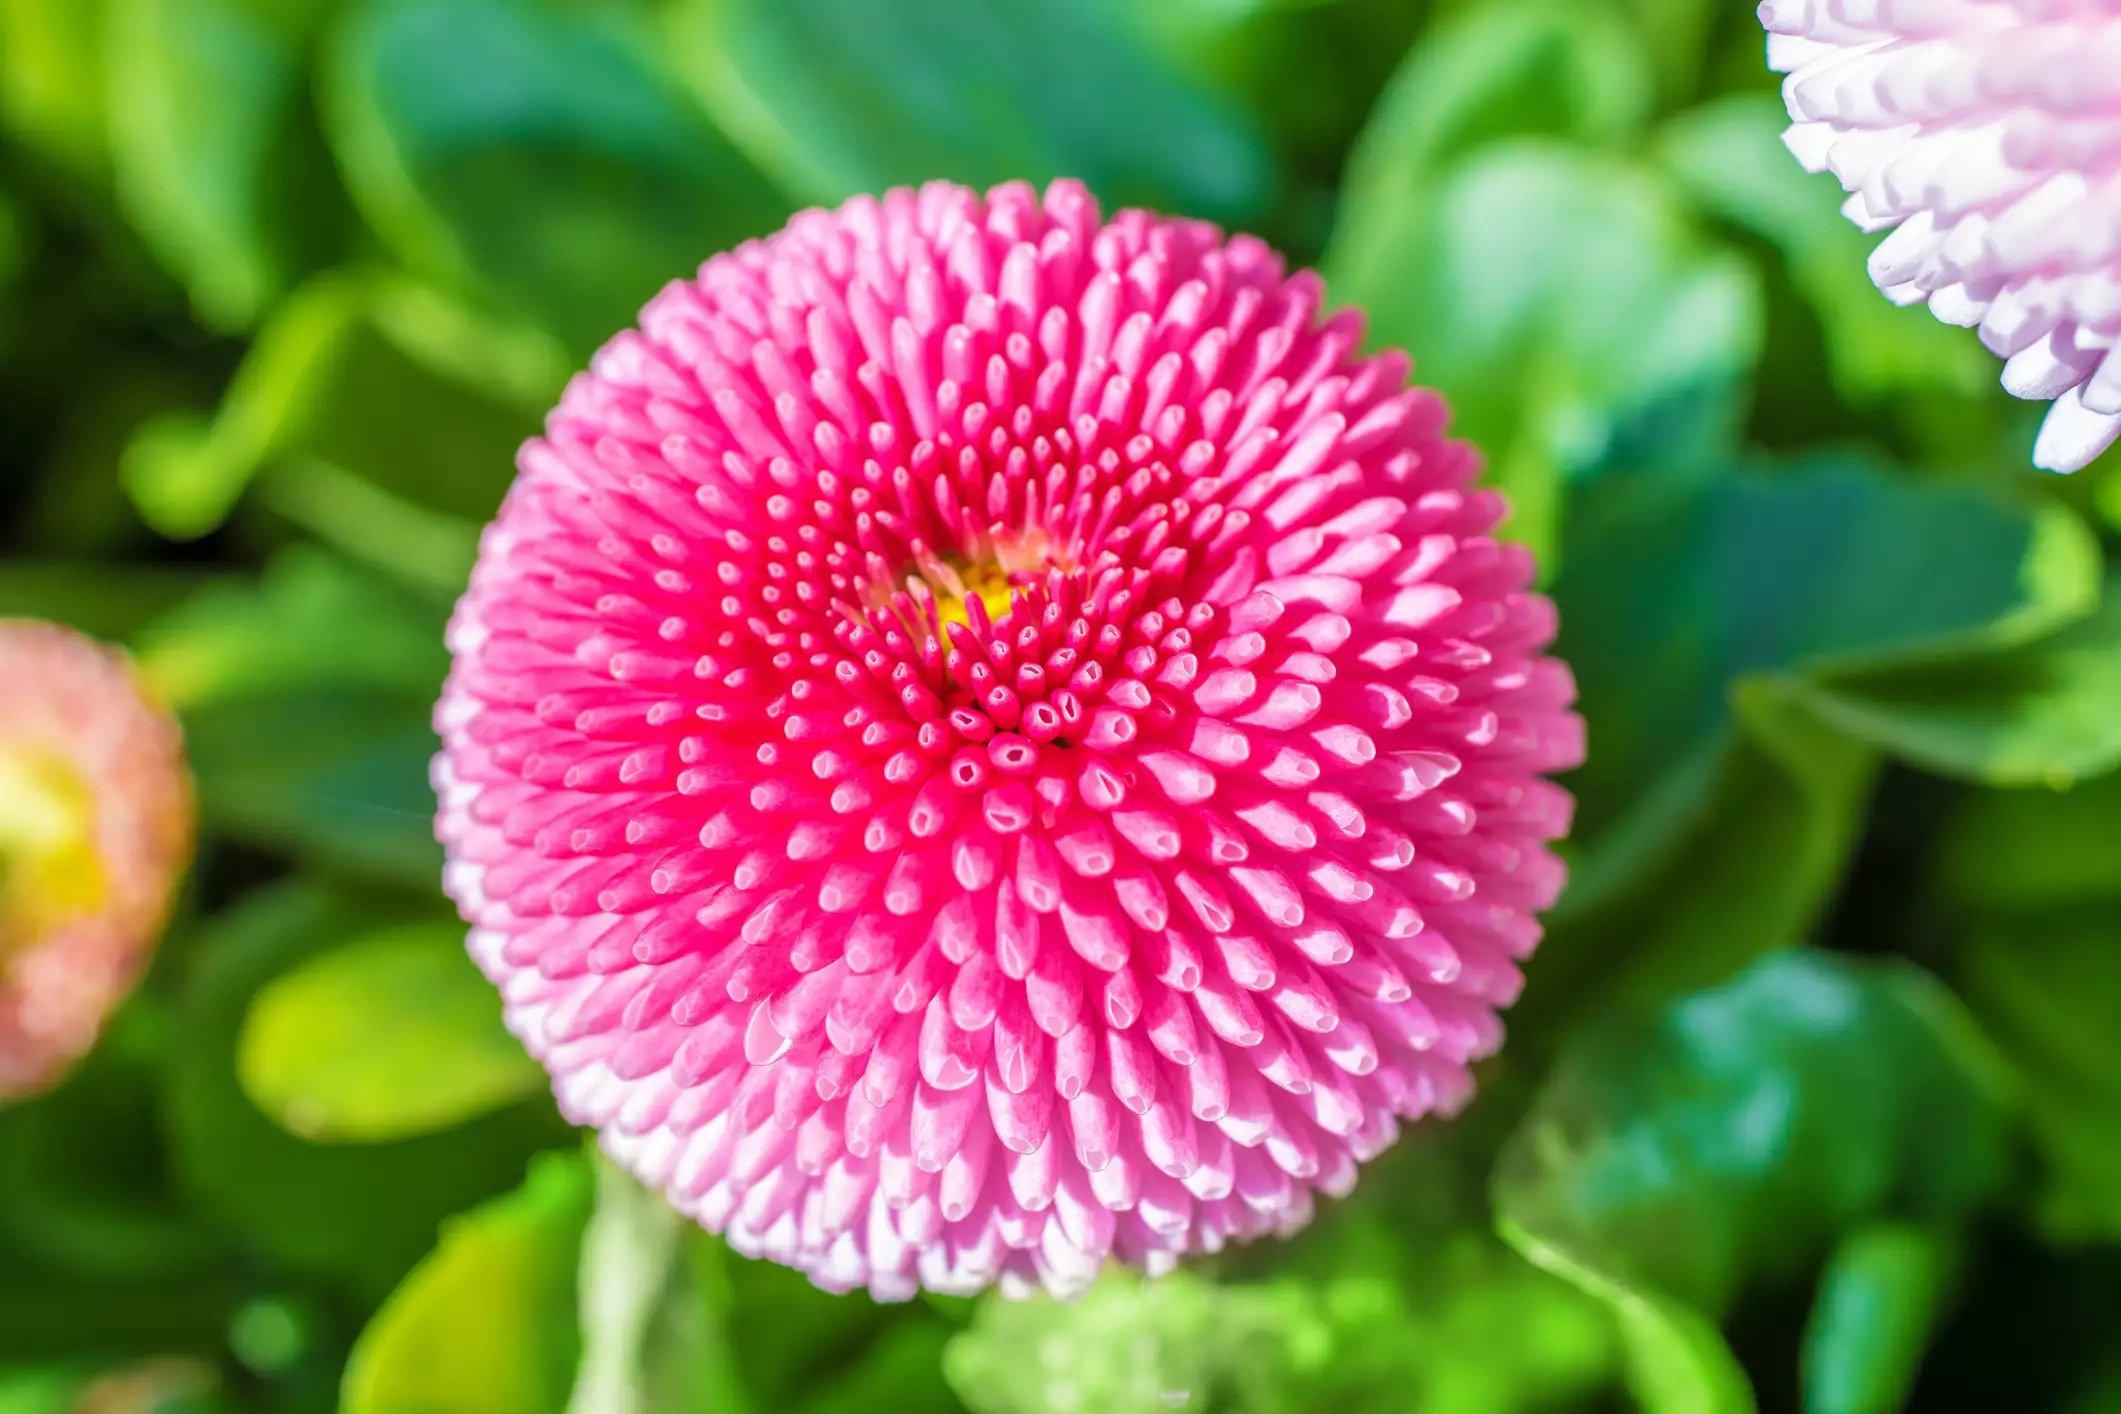 گل مینا چشم گاوی